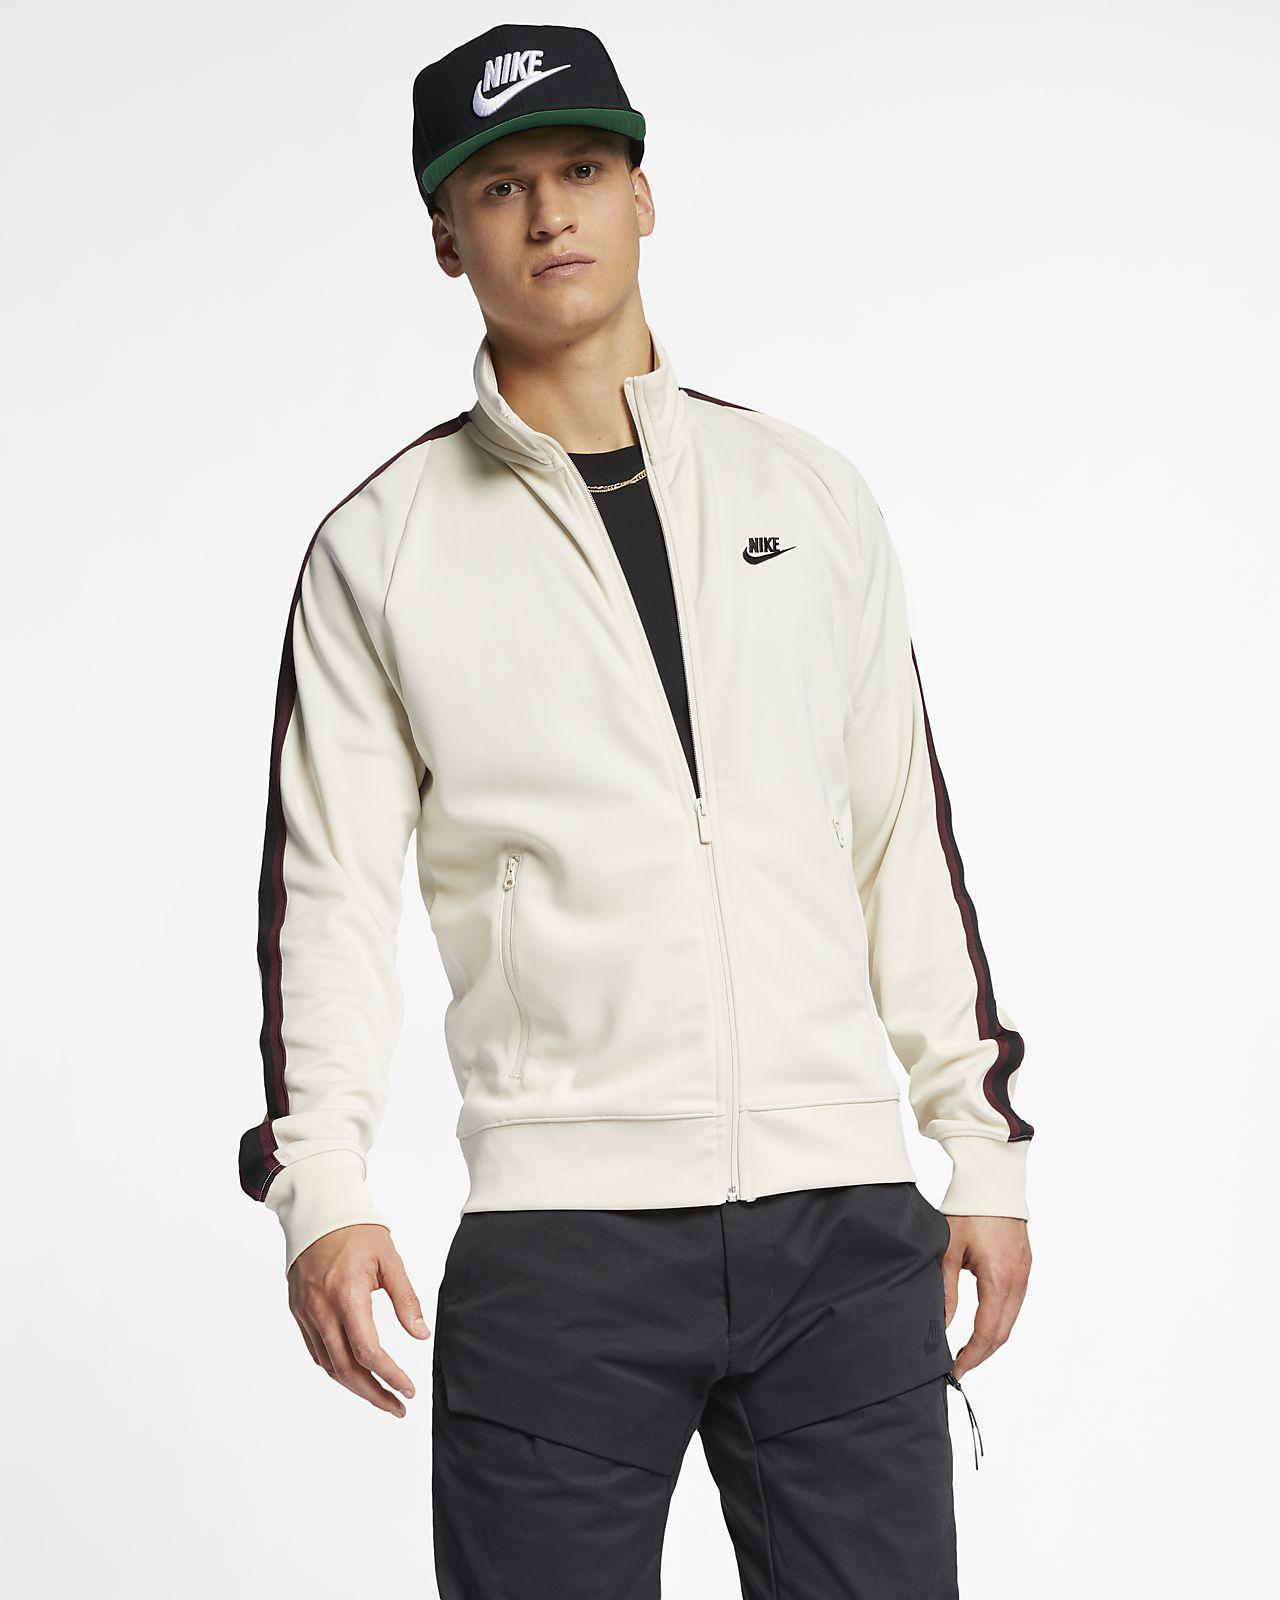 762cdbe7 Nike Sportswear N98 Men's Knit Warm-Up Jacket. Nike.com